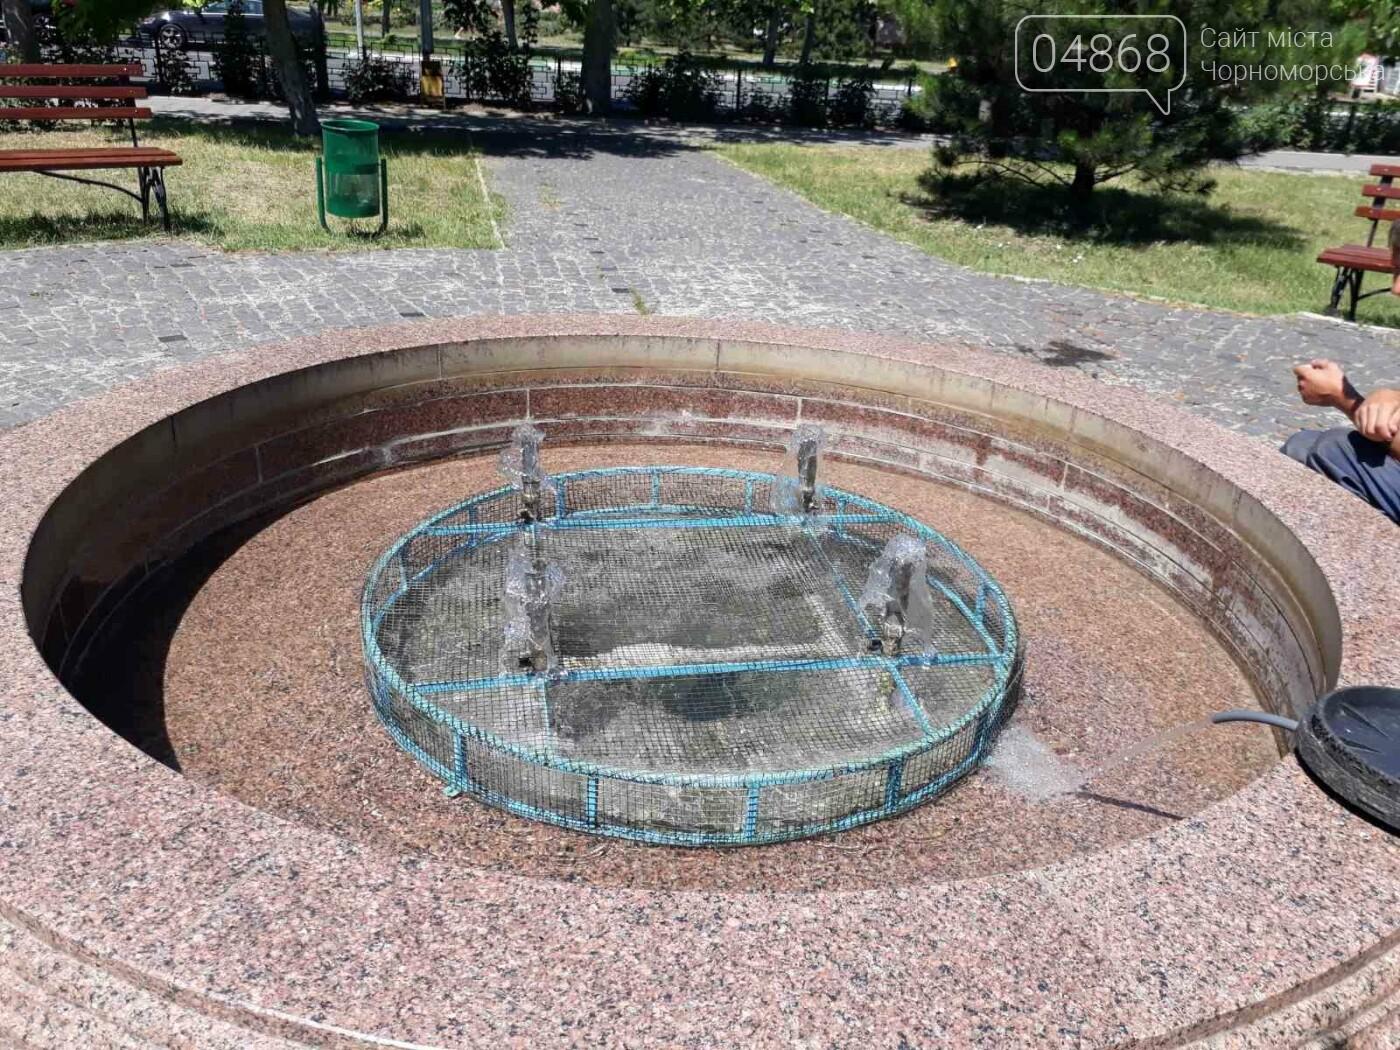 Солнце, лето, жара: Черноморские фонтаны подготовили к летнему сезону, фото-3